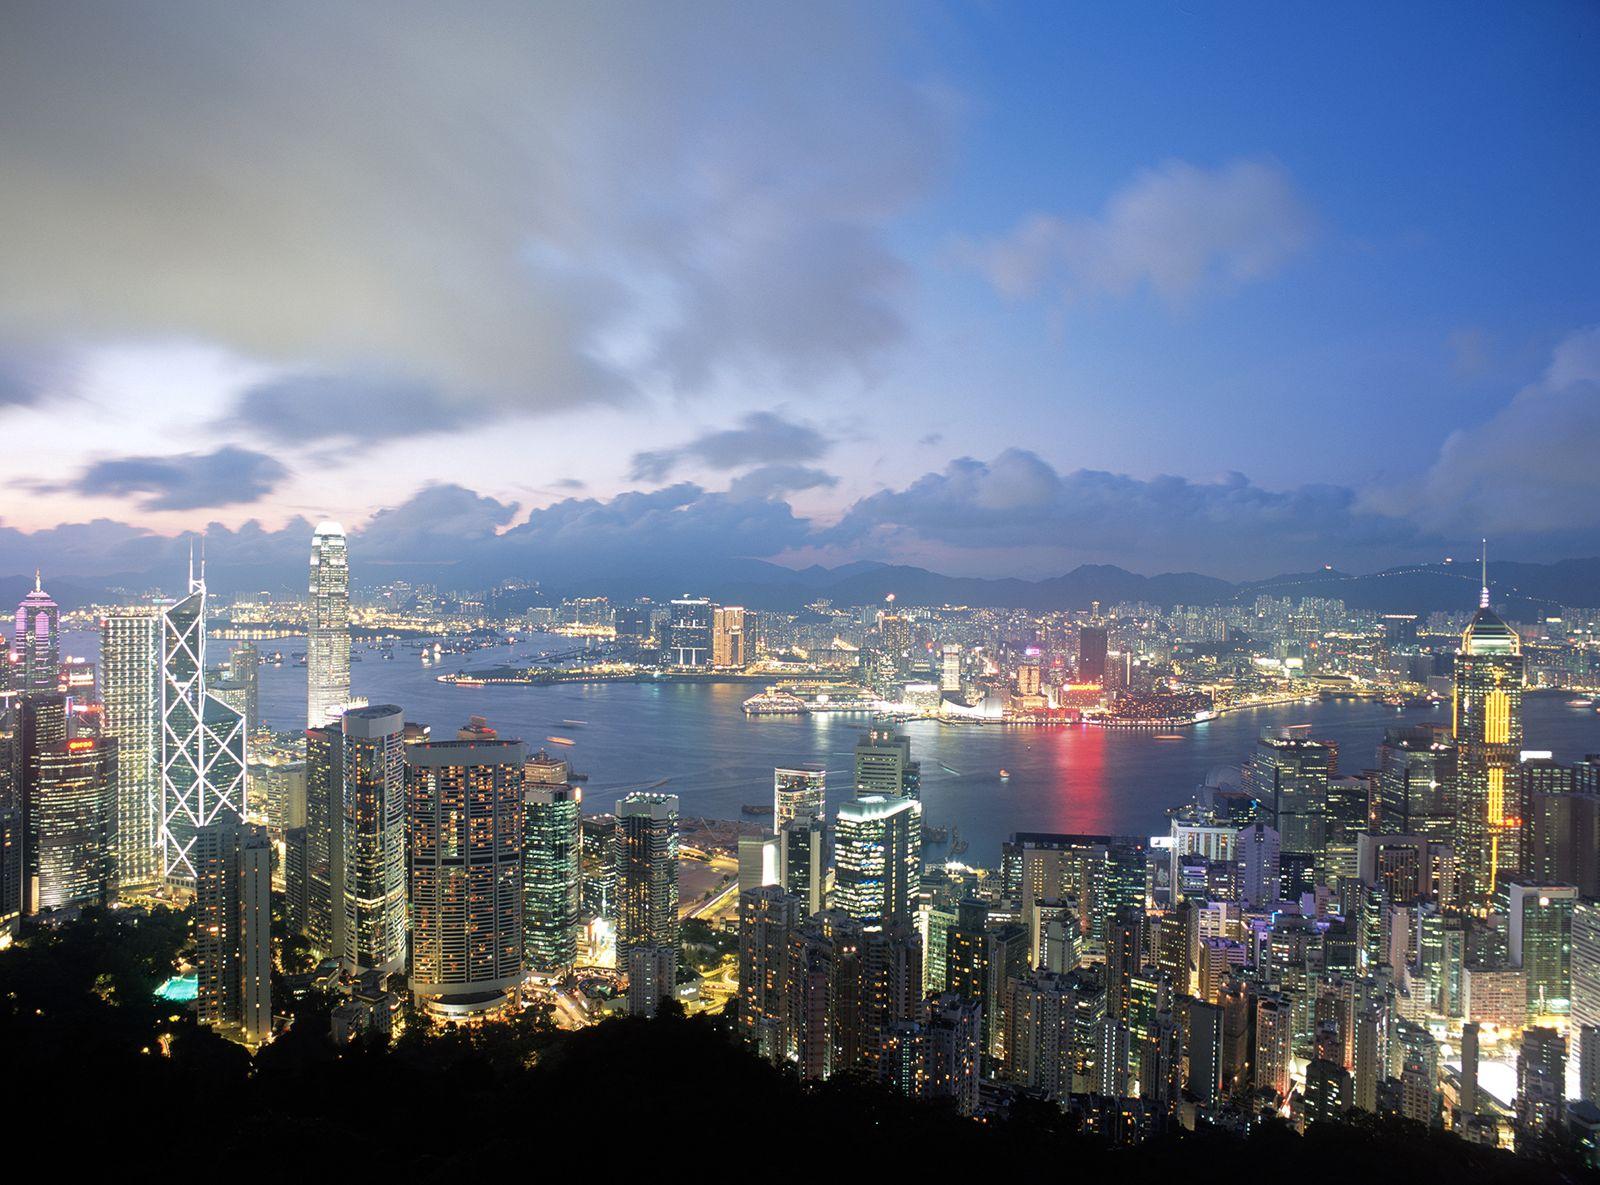 [Travel Gallery] 용의 등허리를 따라 걷다, 홍콩 트레킹